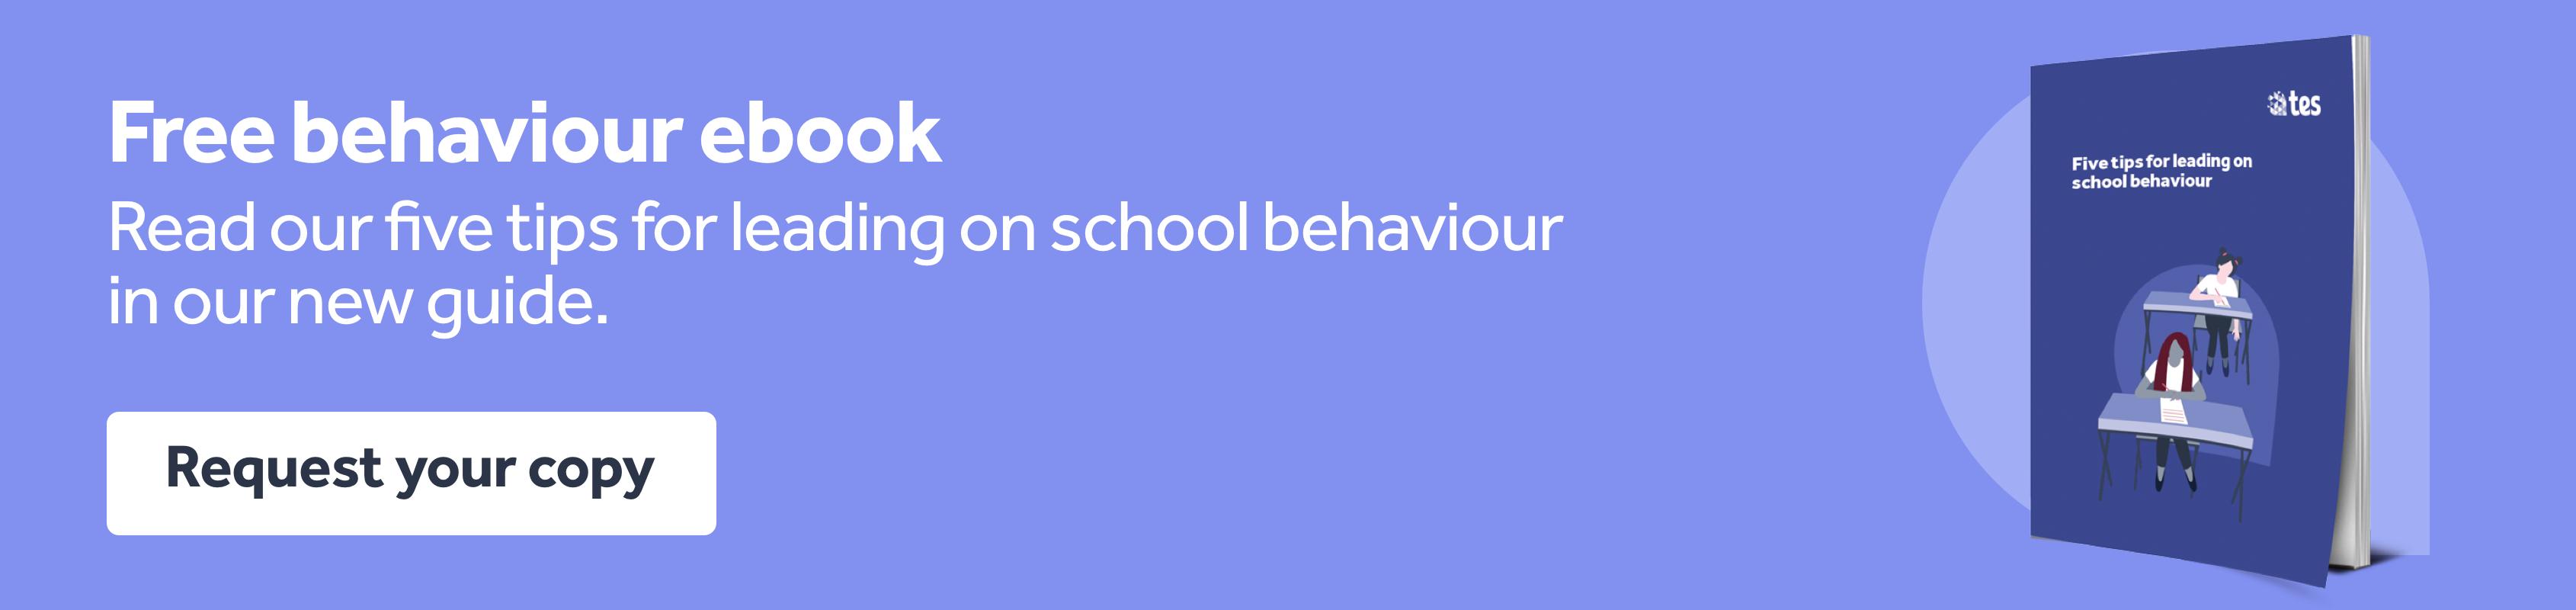 5 tips for leading on school behaviour